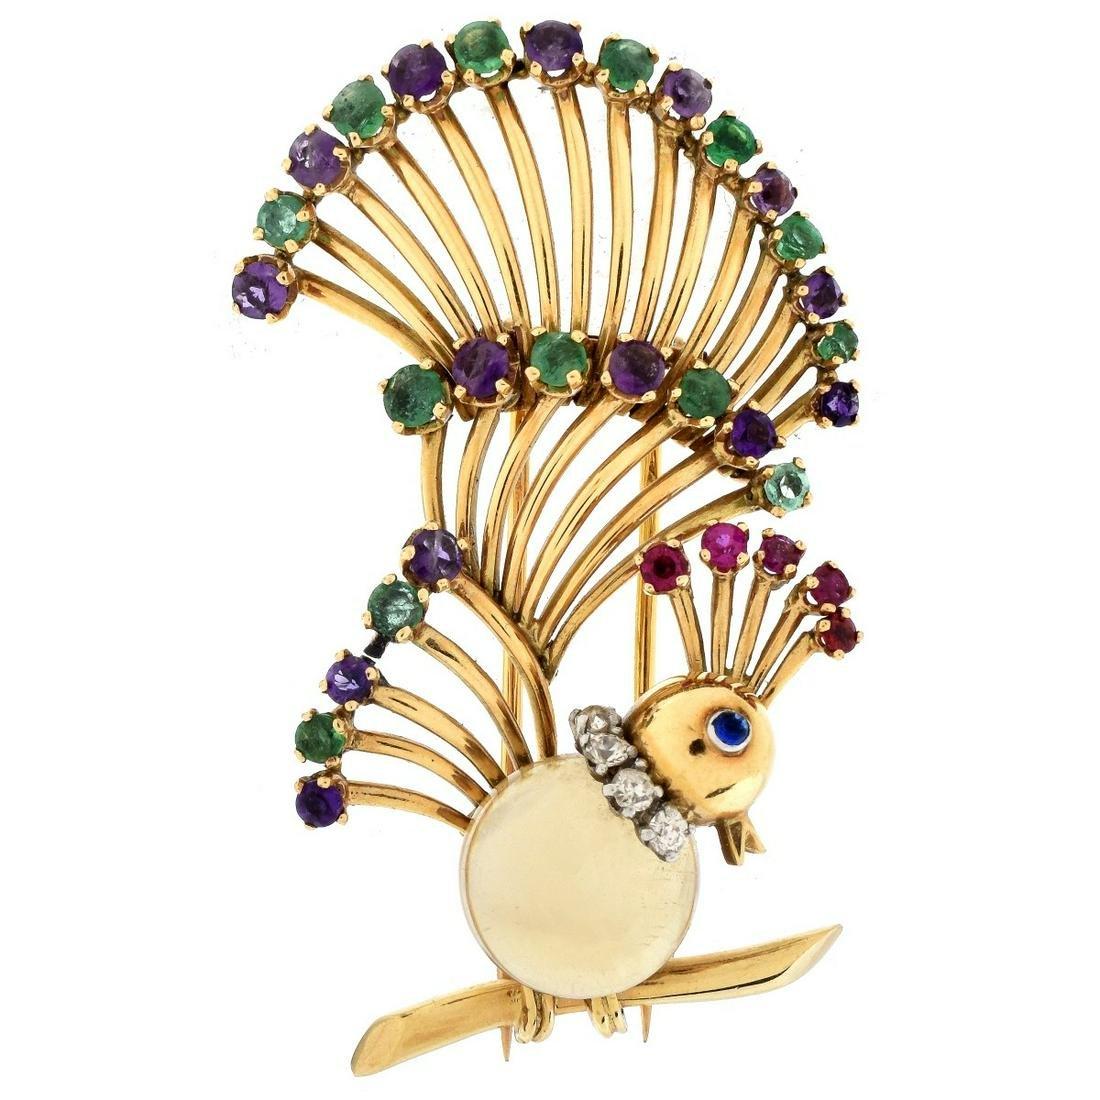 Vintage French 18K Gold Bird Brooch